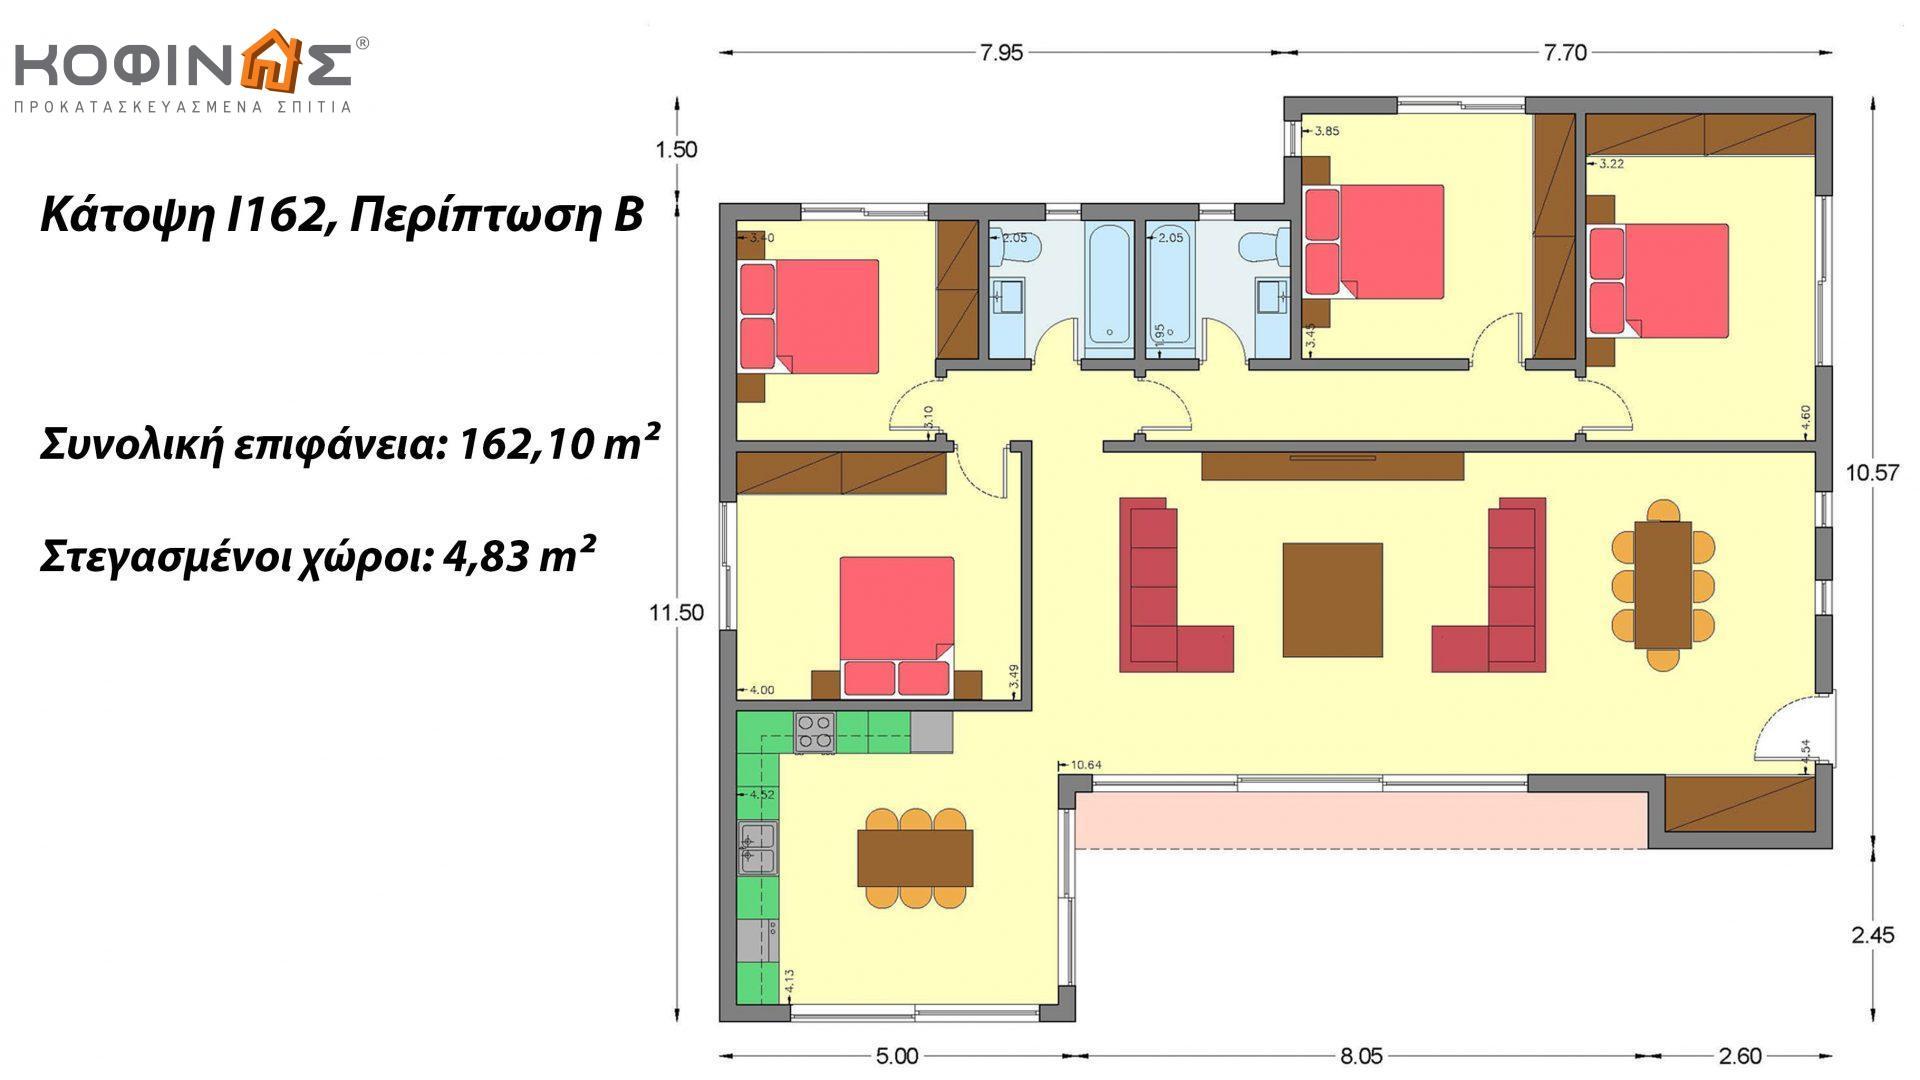 Ισόγεια Κατοικία I-162, συνολικής επιφάνειας 162,10 τ.μ.